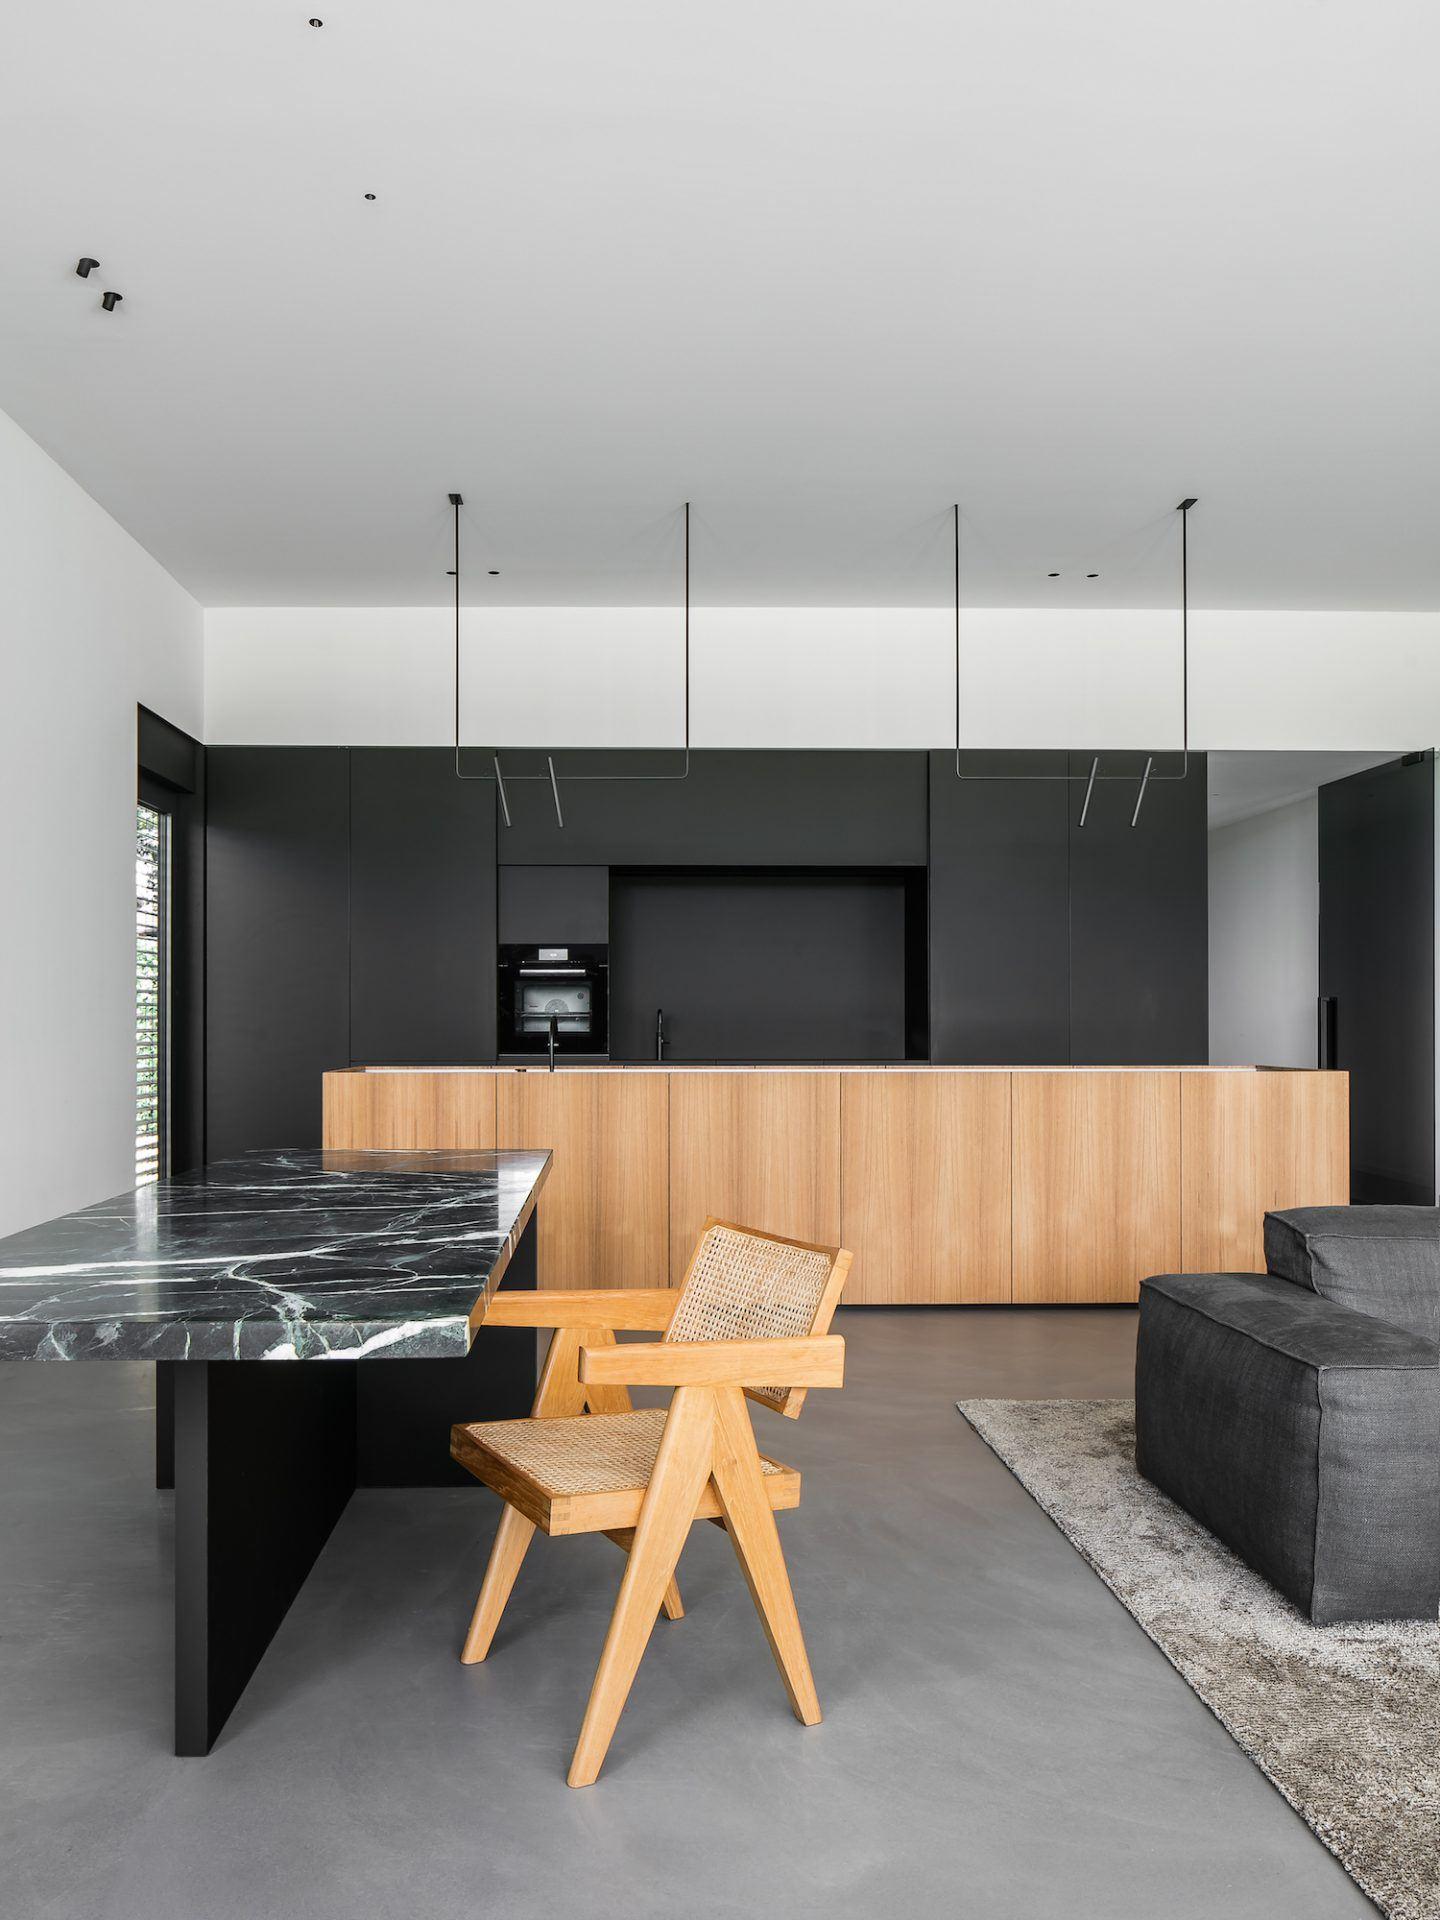 IGNANT-Architecture-Niels-Maier-Oblique-House-01